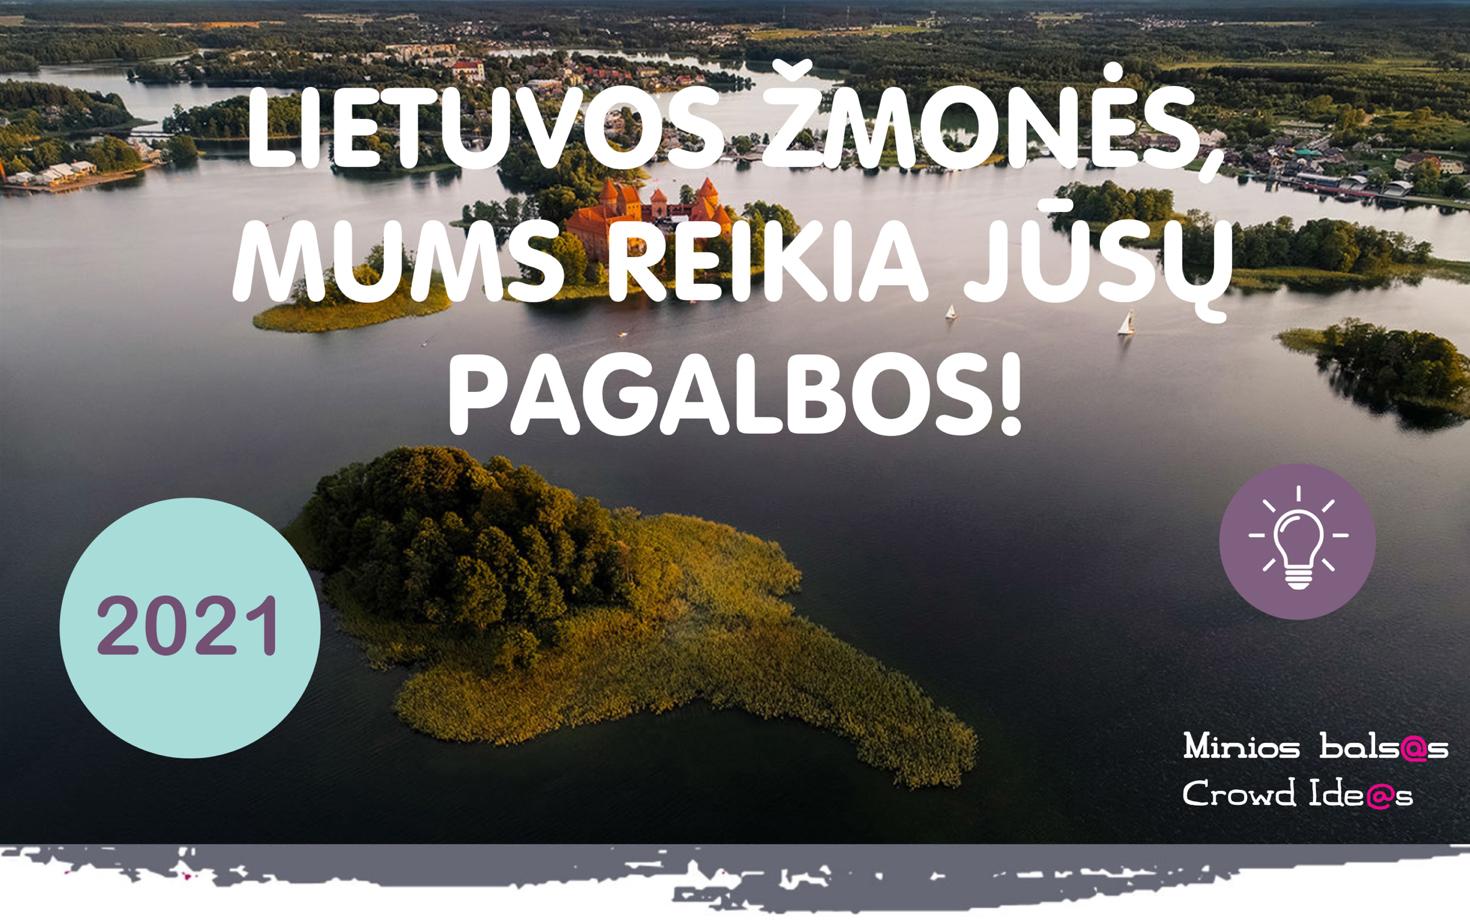 http://nkla.lt/wp-content/uploads/2021/09/nkla_miniosbalsas.jpg